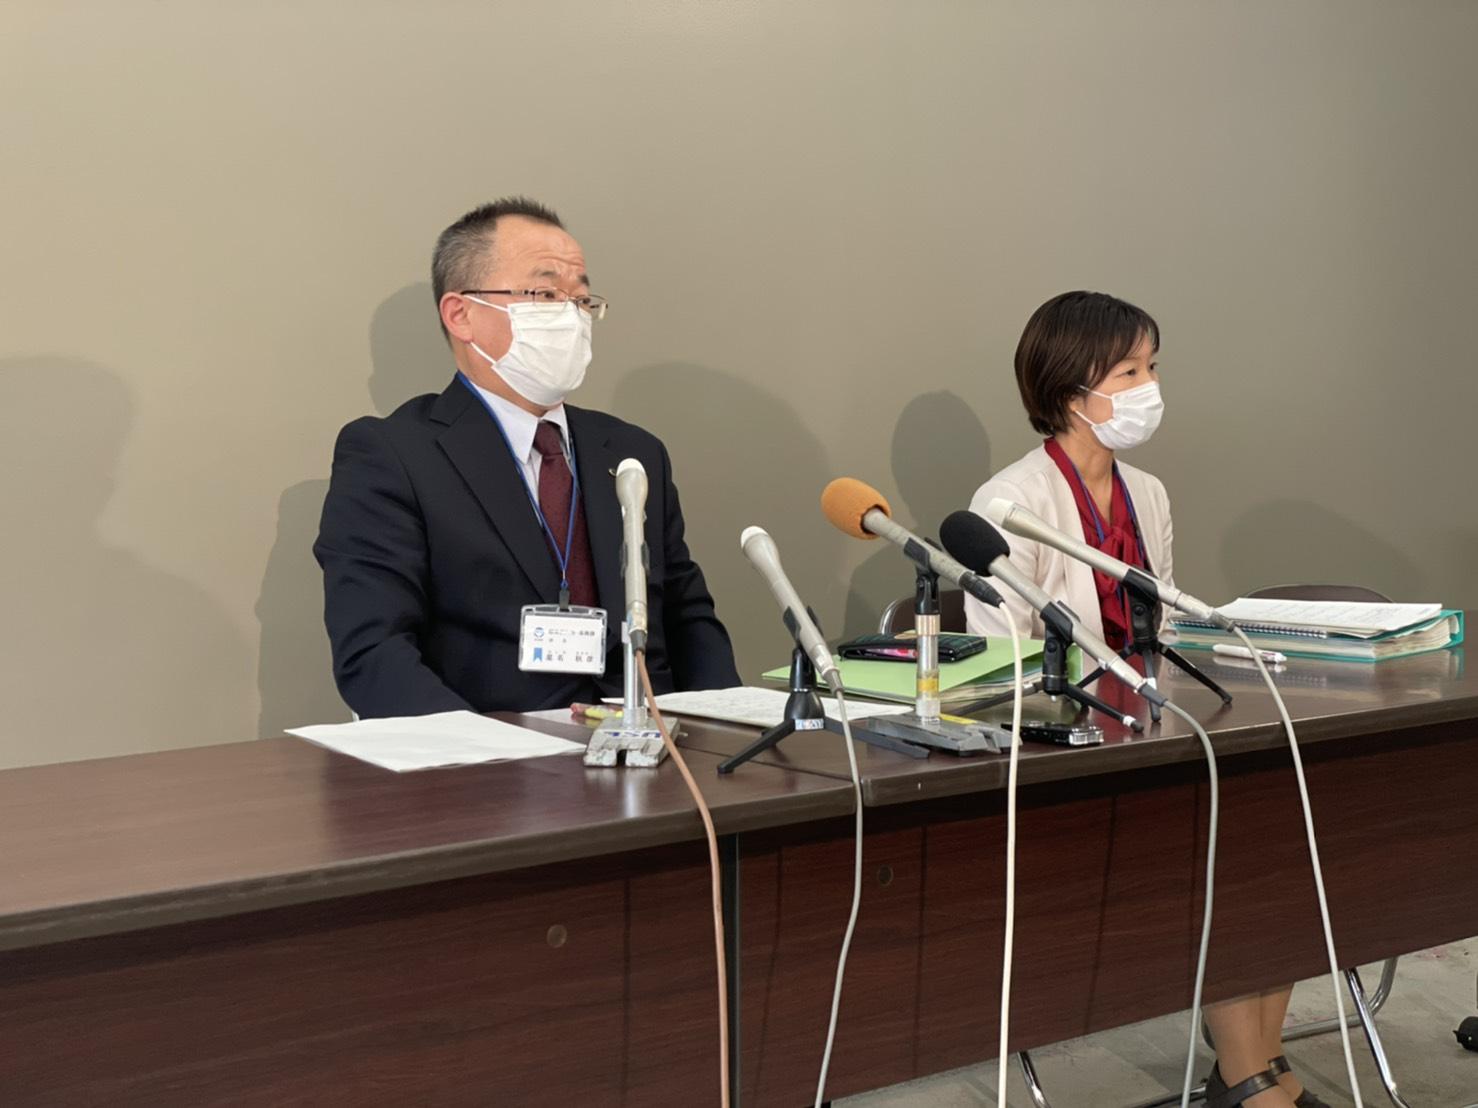 県 コロナ 速報 新潟 ウイルス 新型コロナウイルス感染症関連情報